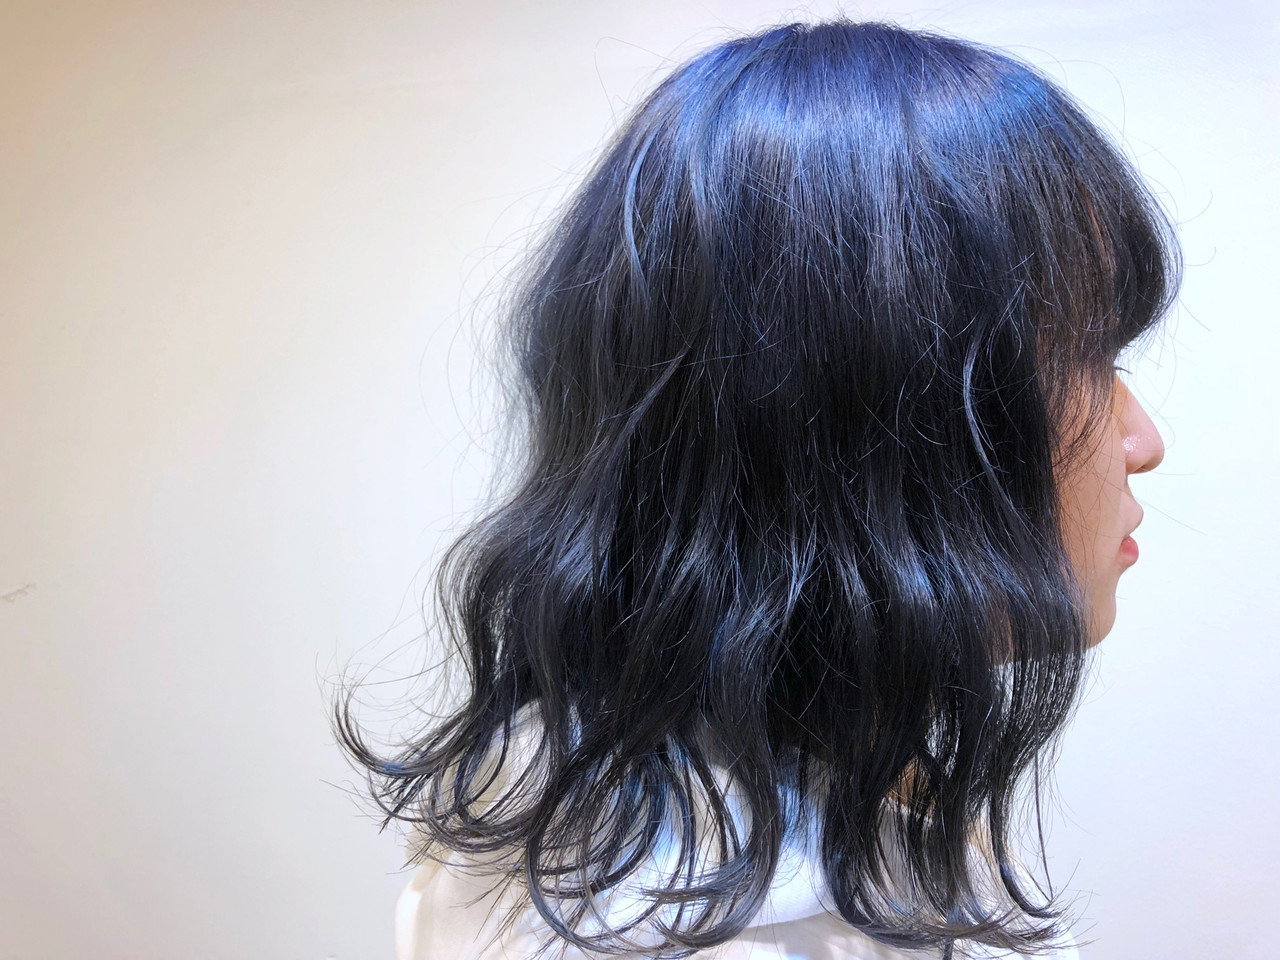 艶カラー 波巻き ミディアム ブルーブラック ヘアスタイルや髪型の写真・画像